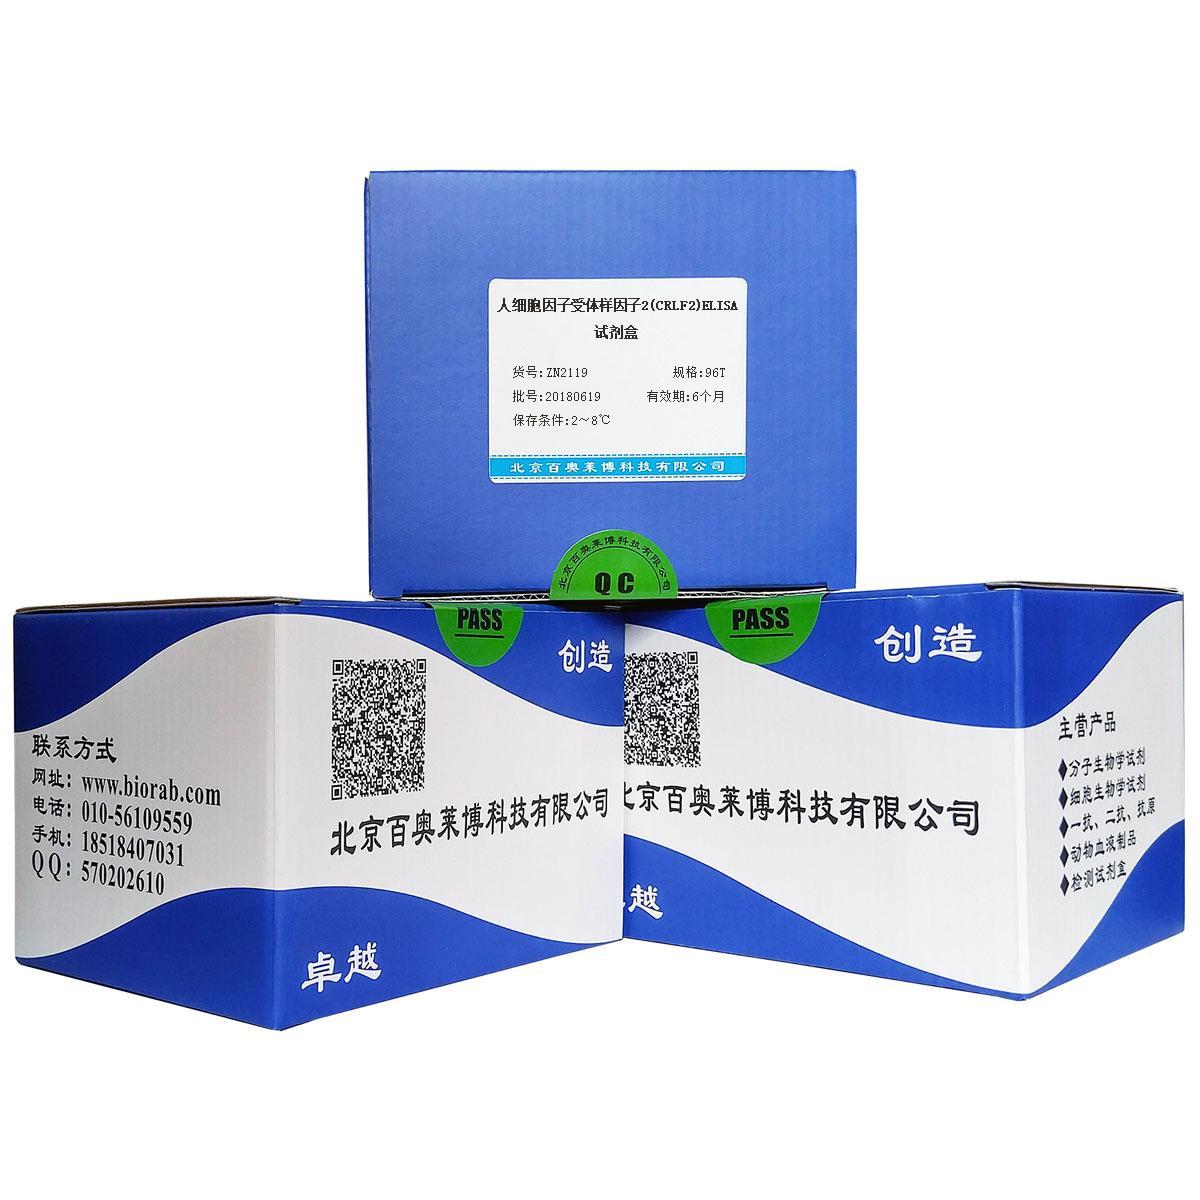 人细胞因子受体样因子2(CRLF2)ELISA试剂盒供应